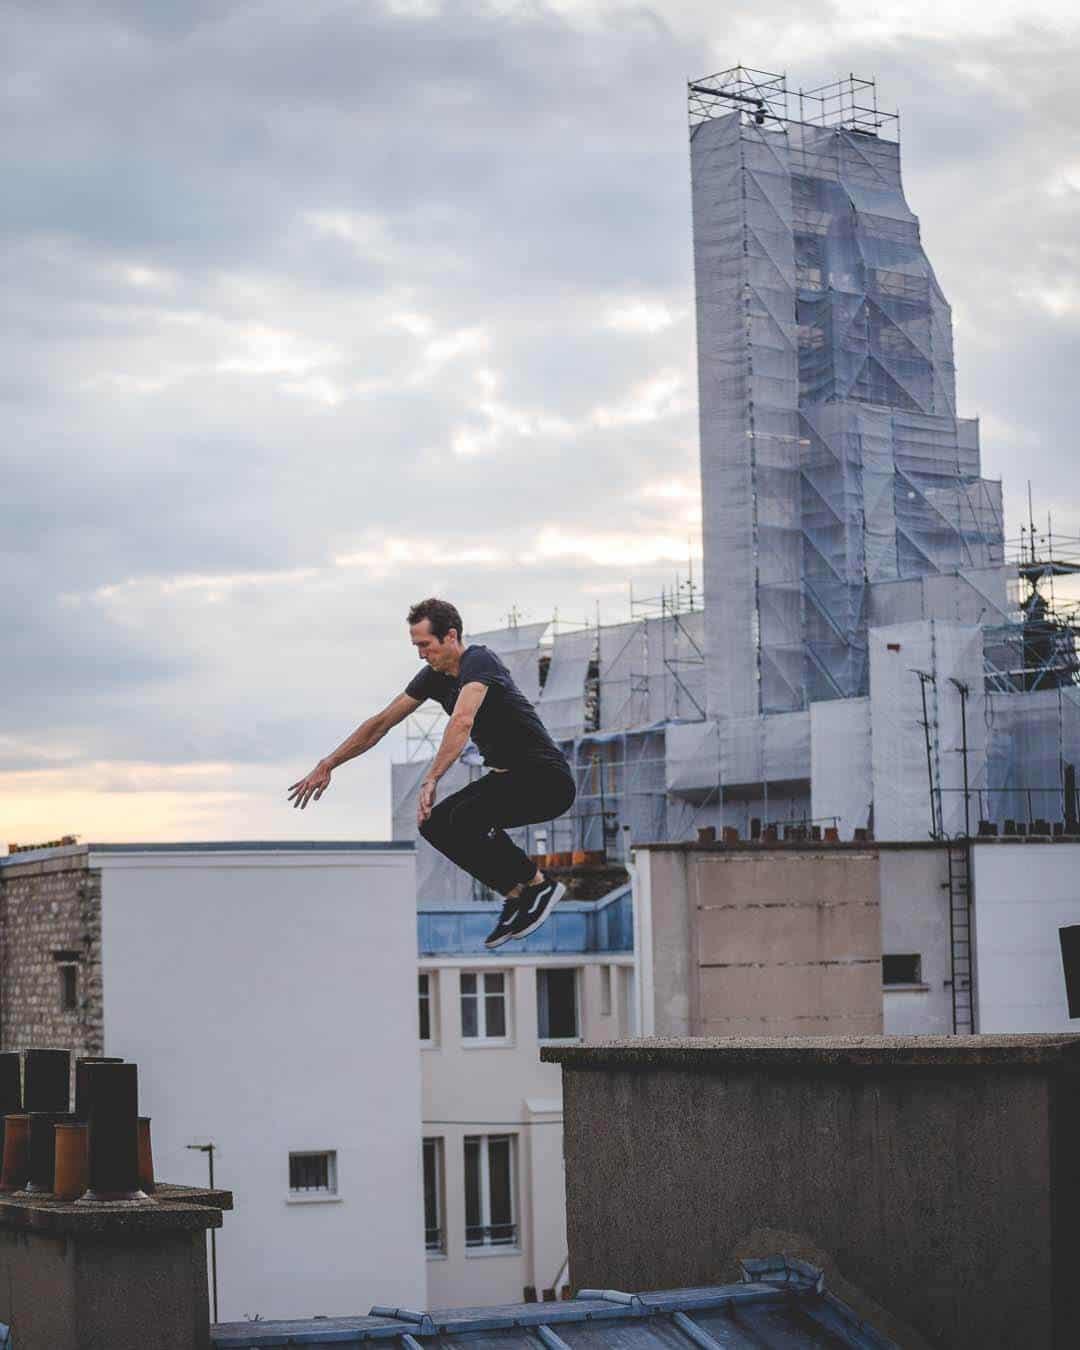 etrefort thibaut parkour clothing outdor paris rooftop pov hand